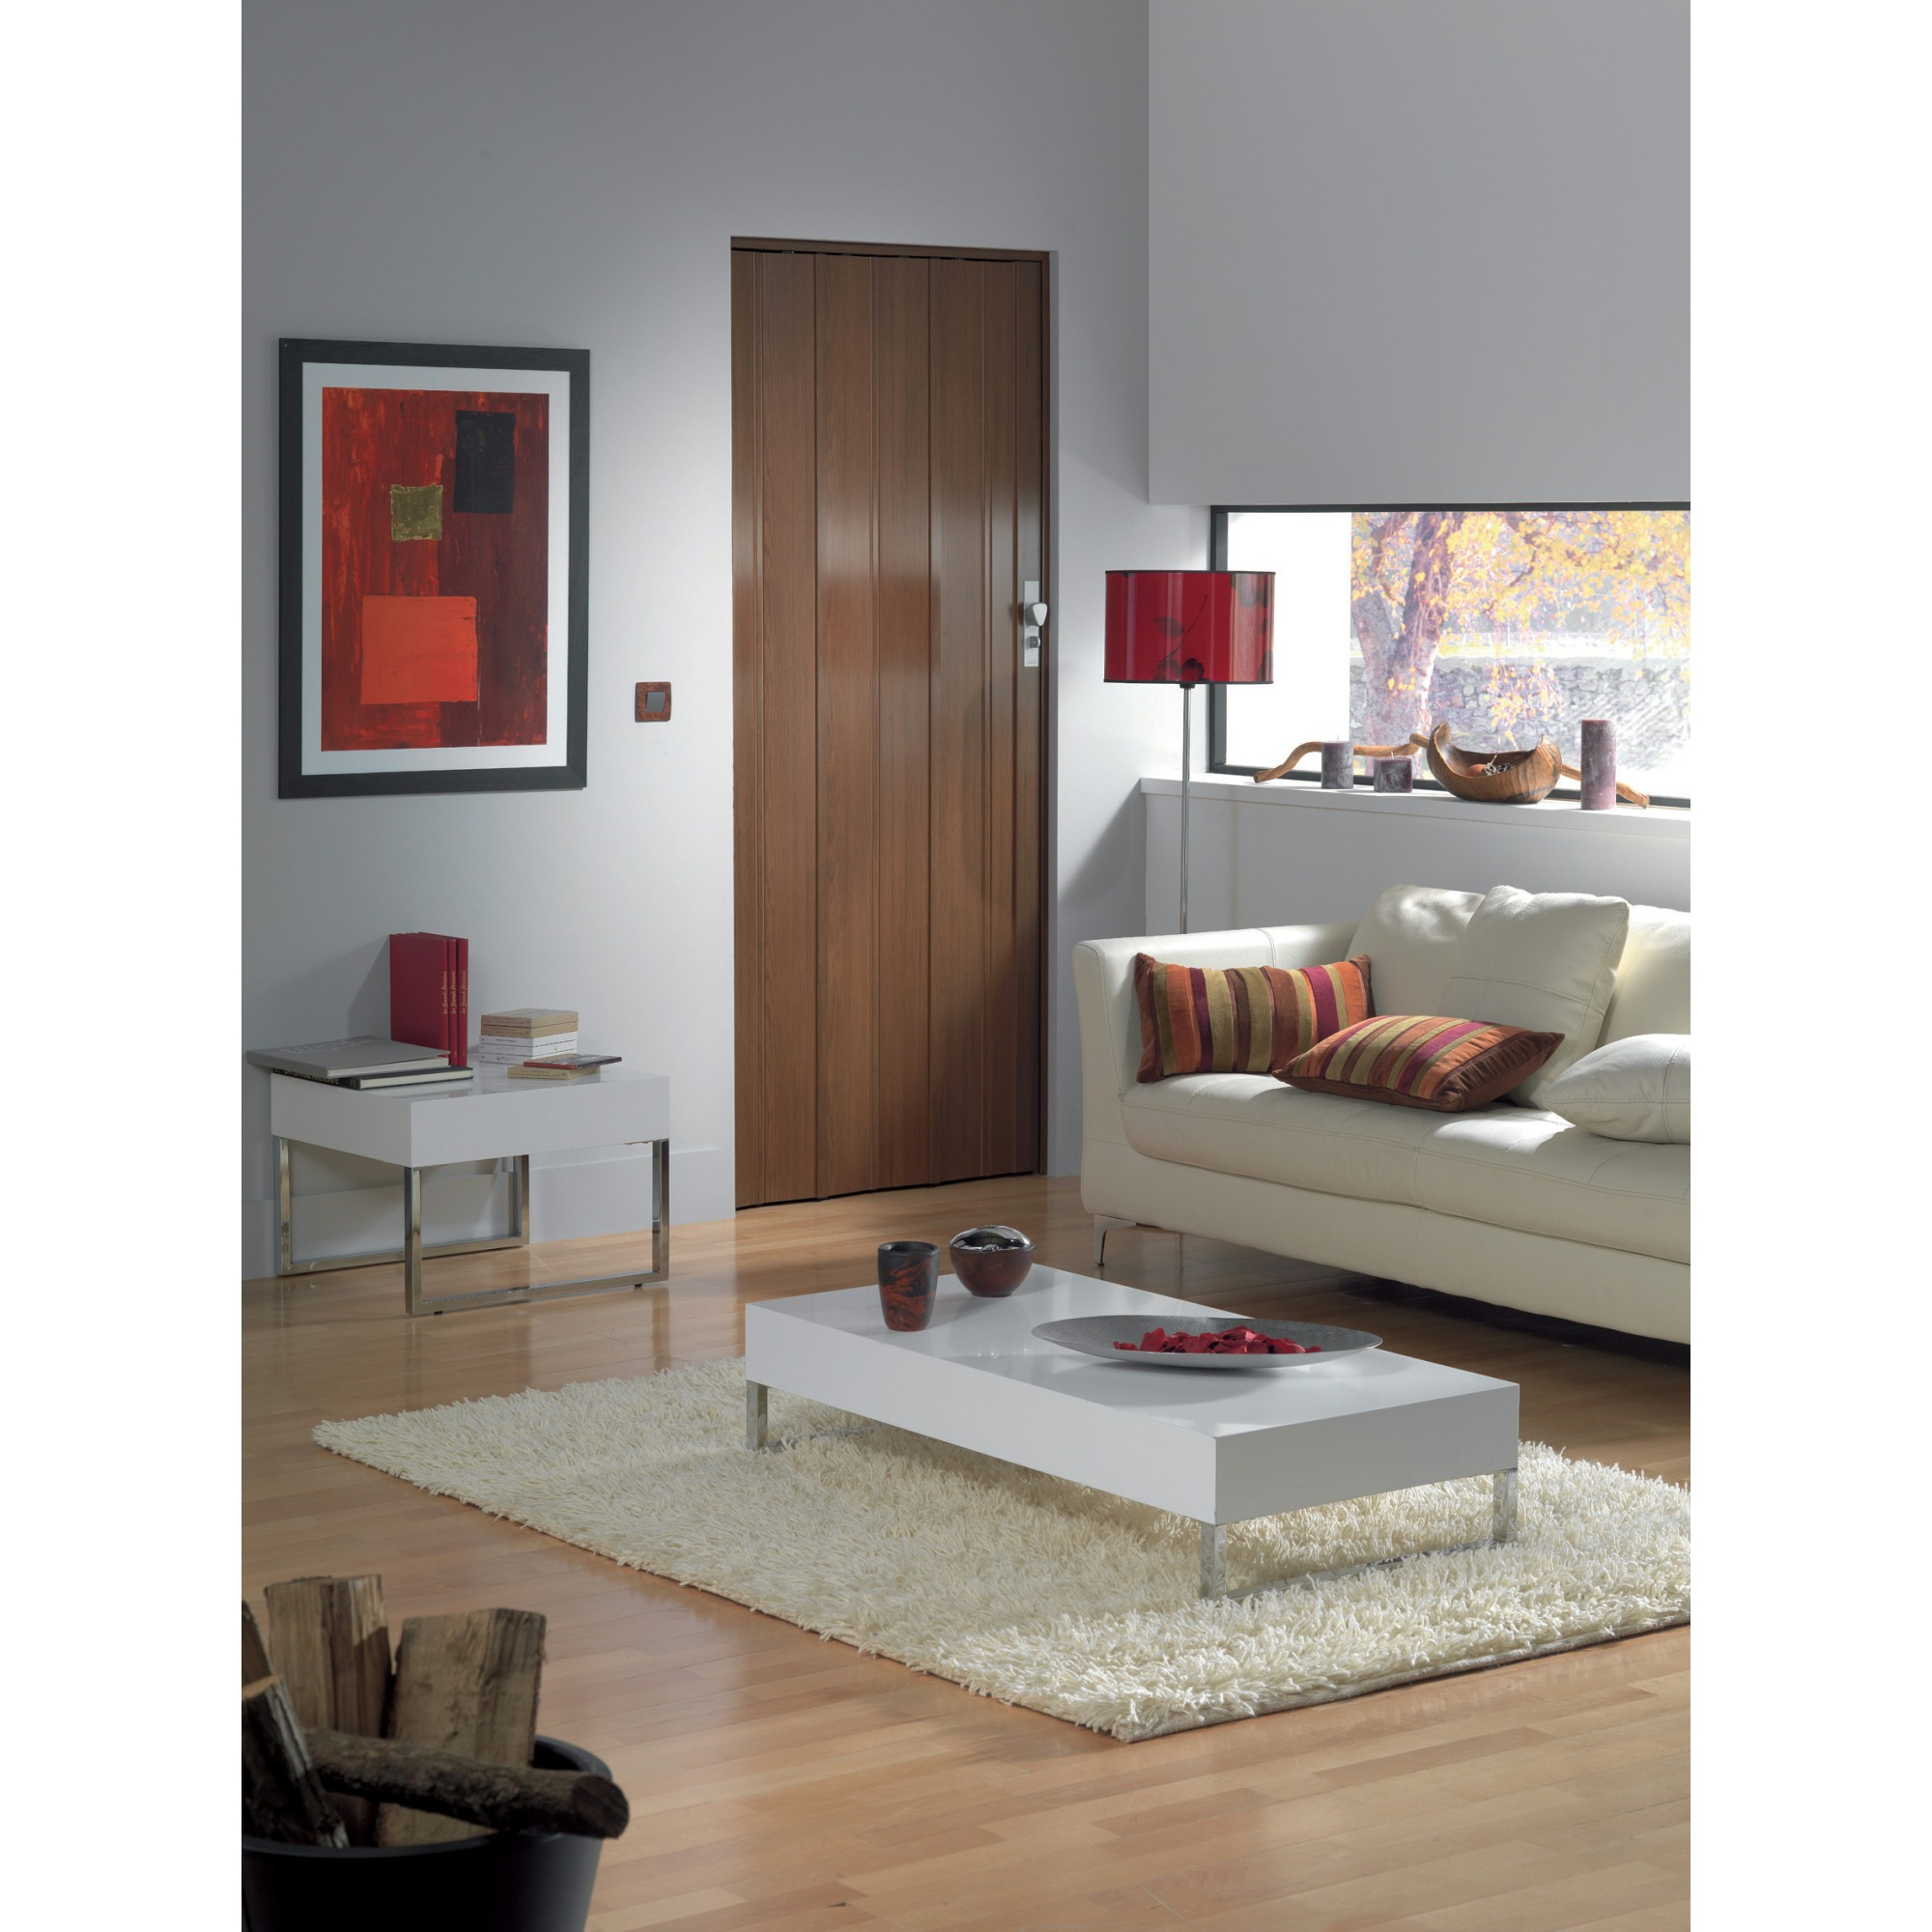 2 portes accord on axia teck meubles et d coration tunisie for Meuble porte accordeon